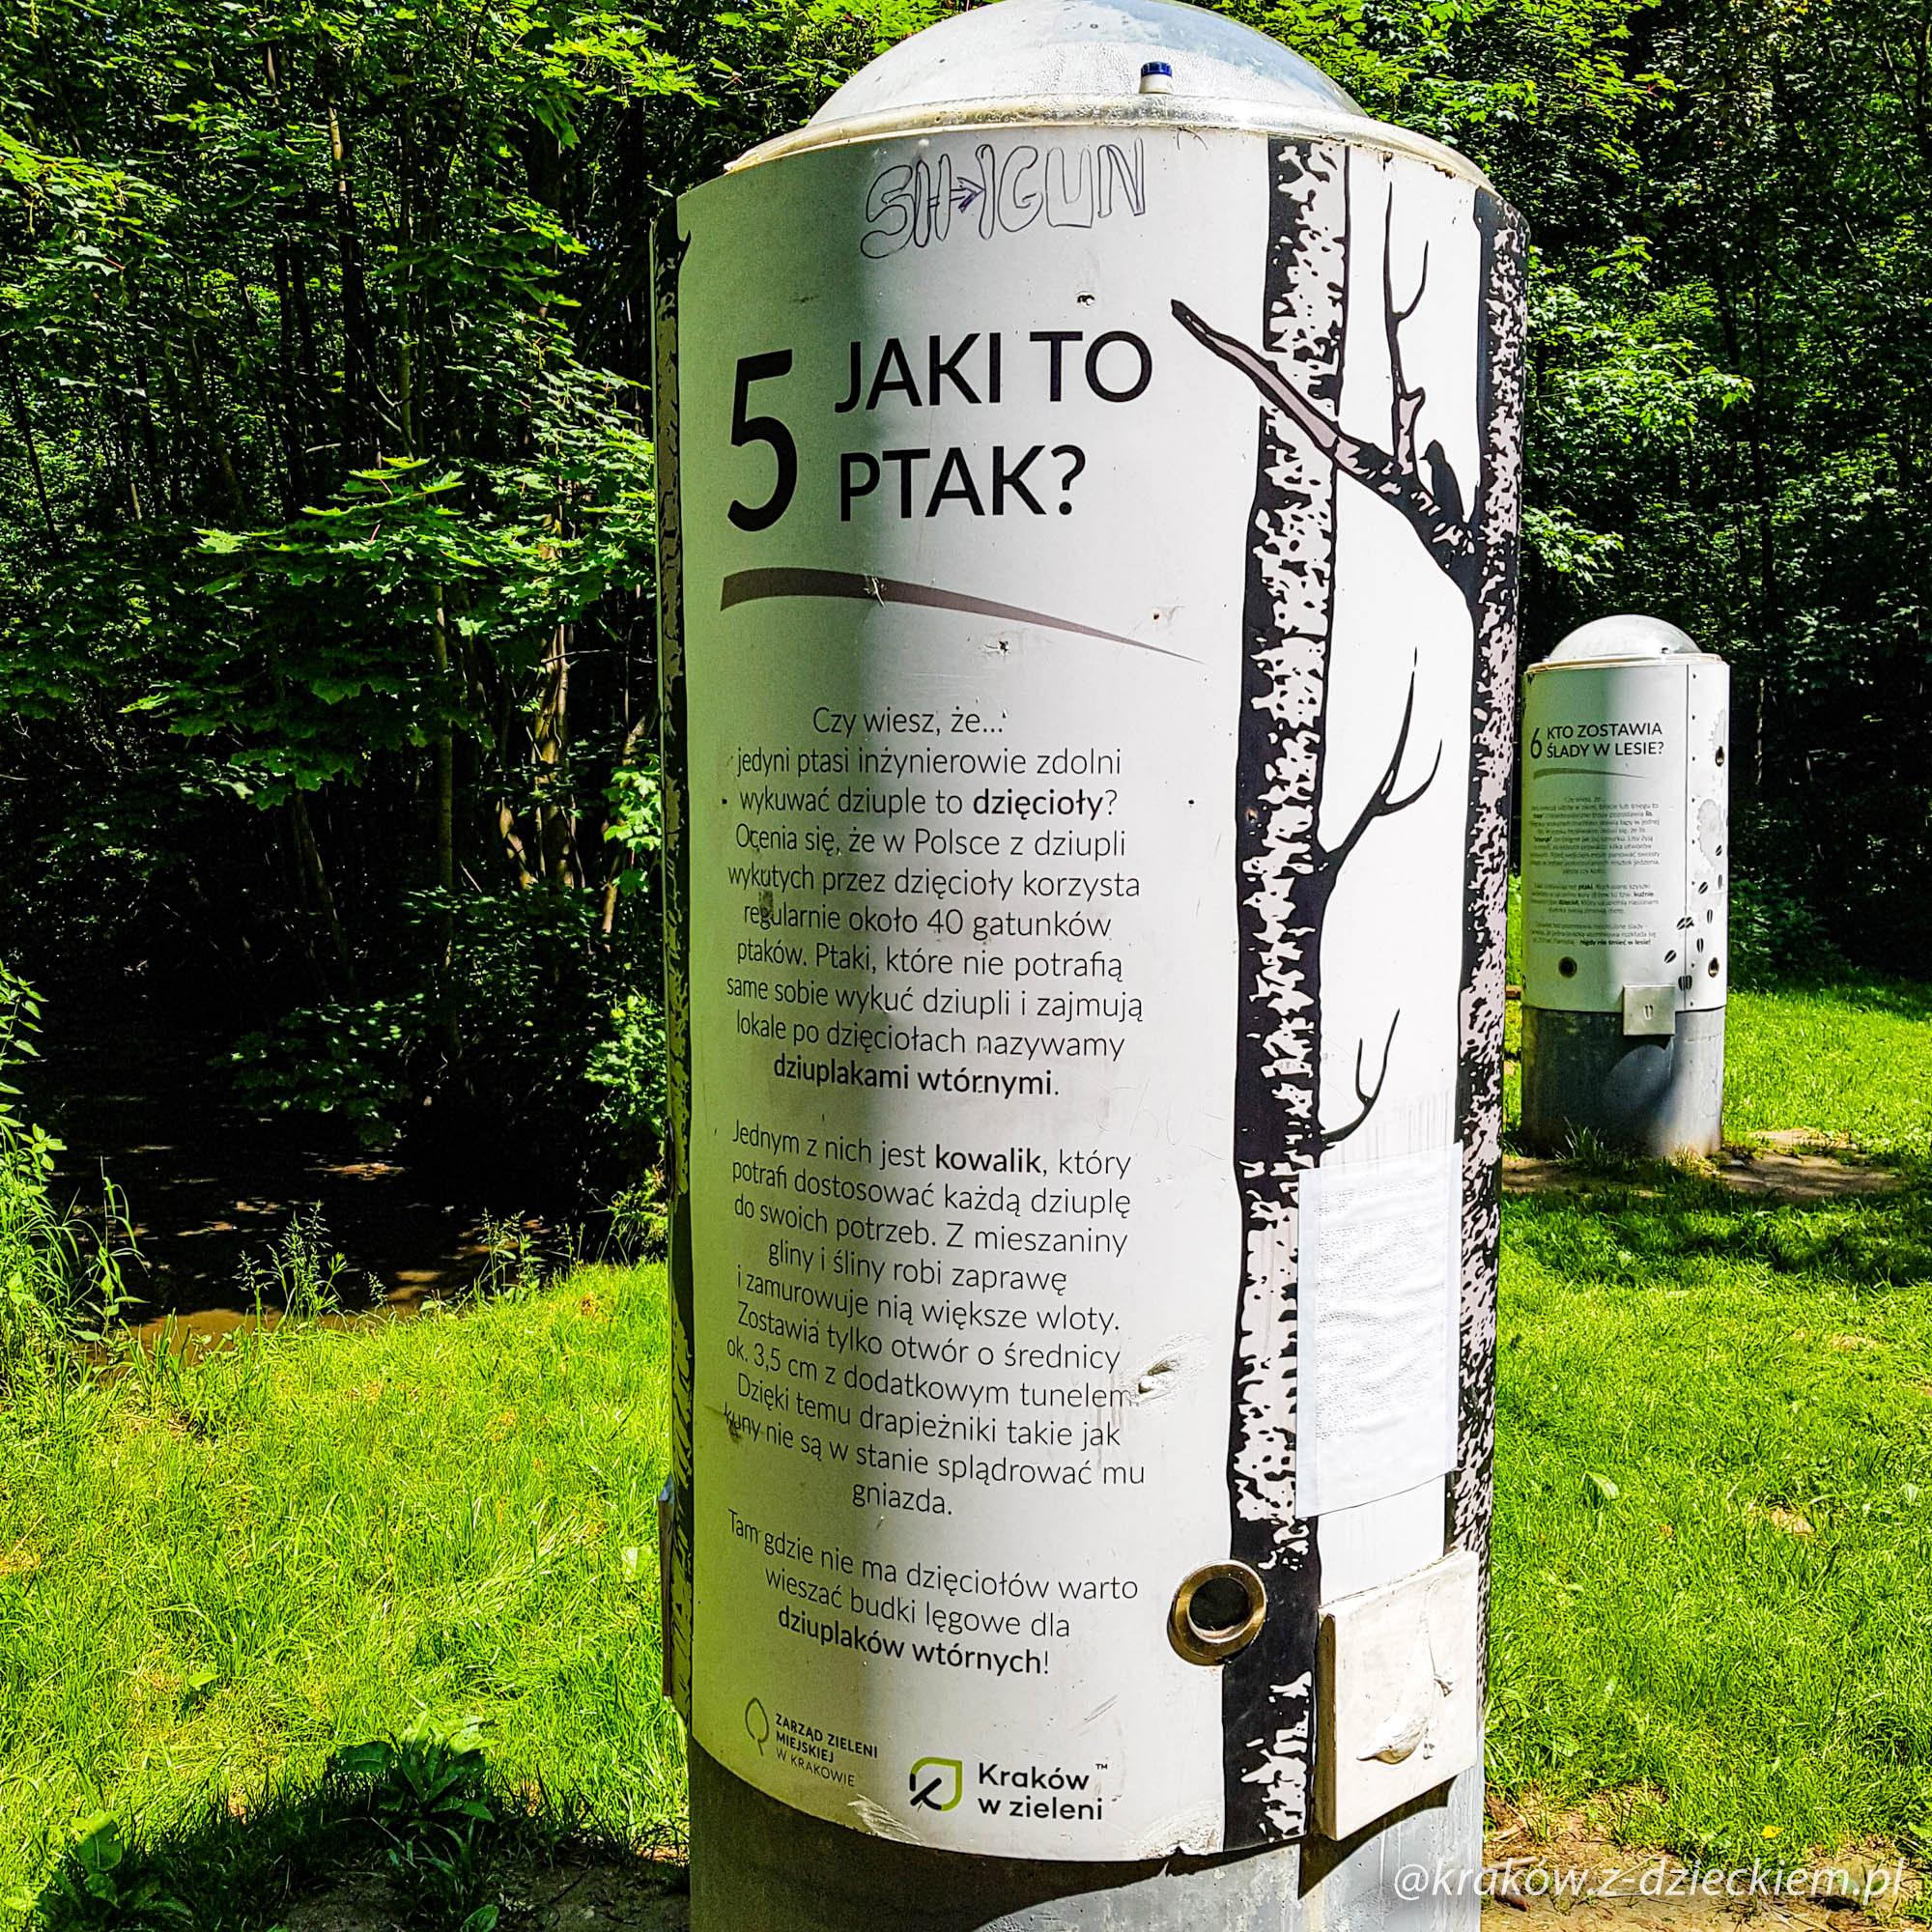 ścieżka przyrodnicza w lesie witkowickim